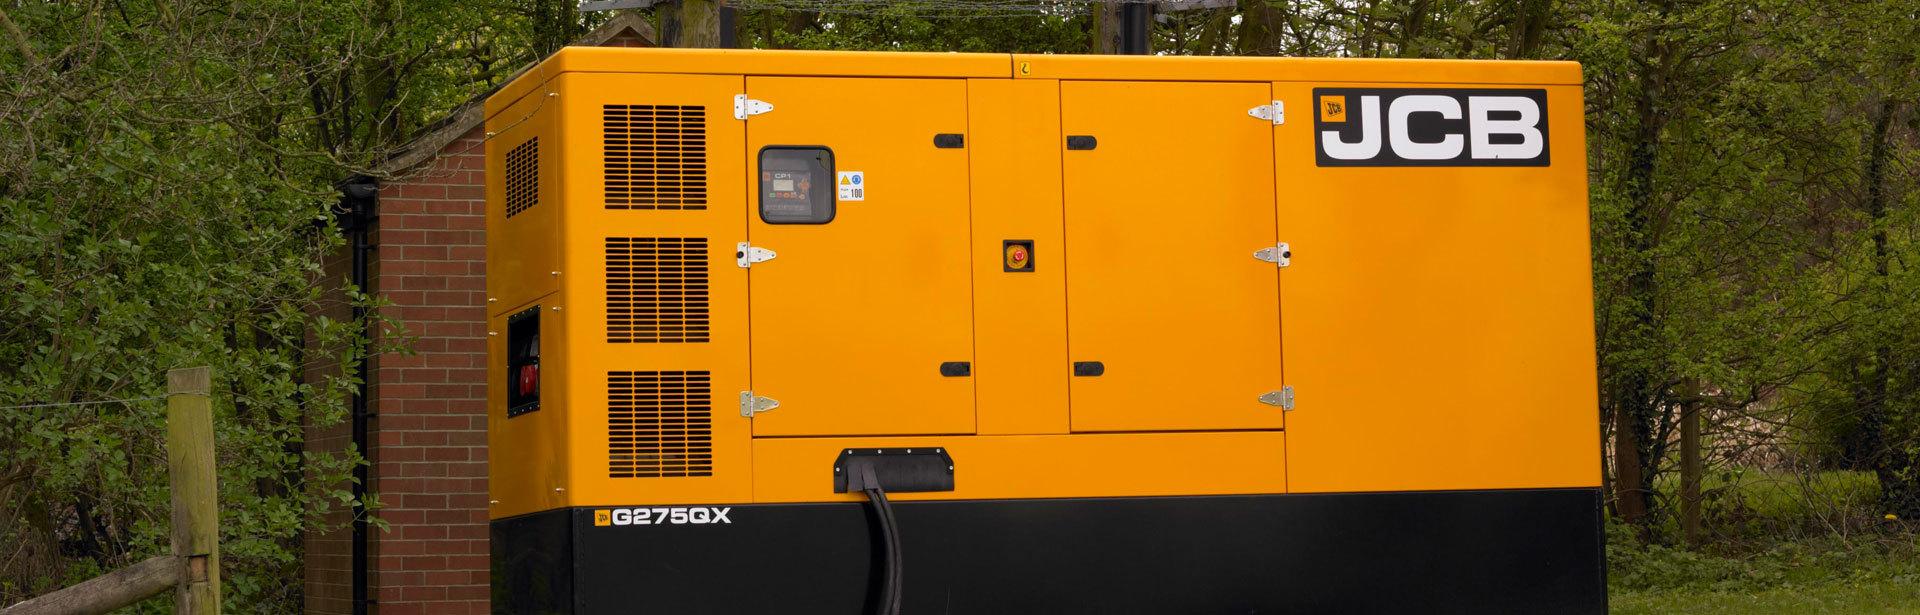 JCB Generators 140-220 kVA IVECO – Clarke & Pulman